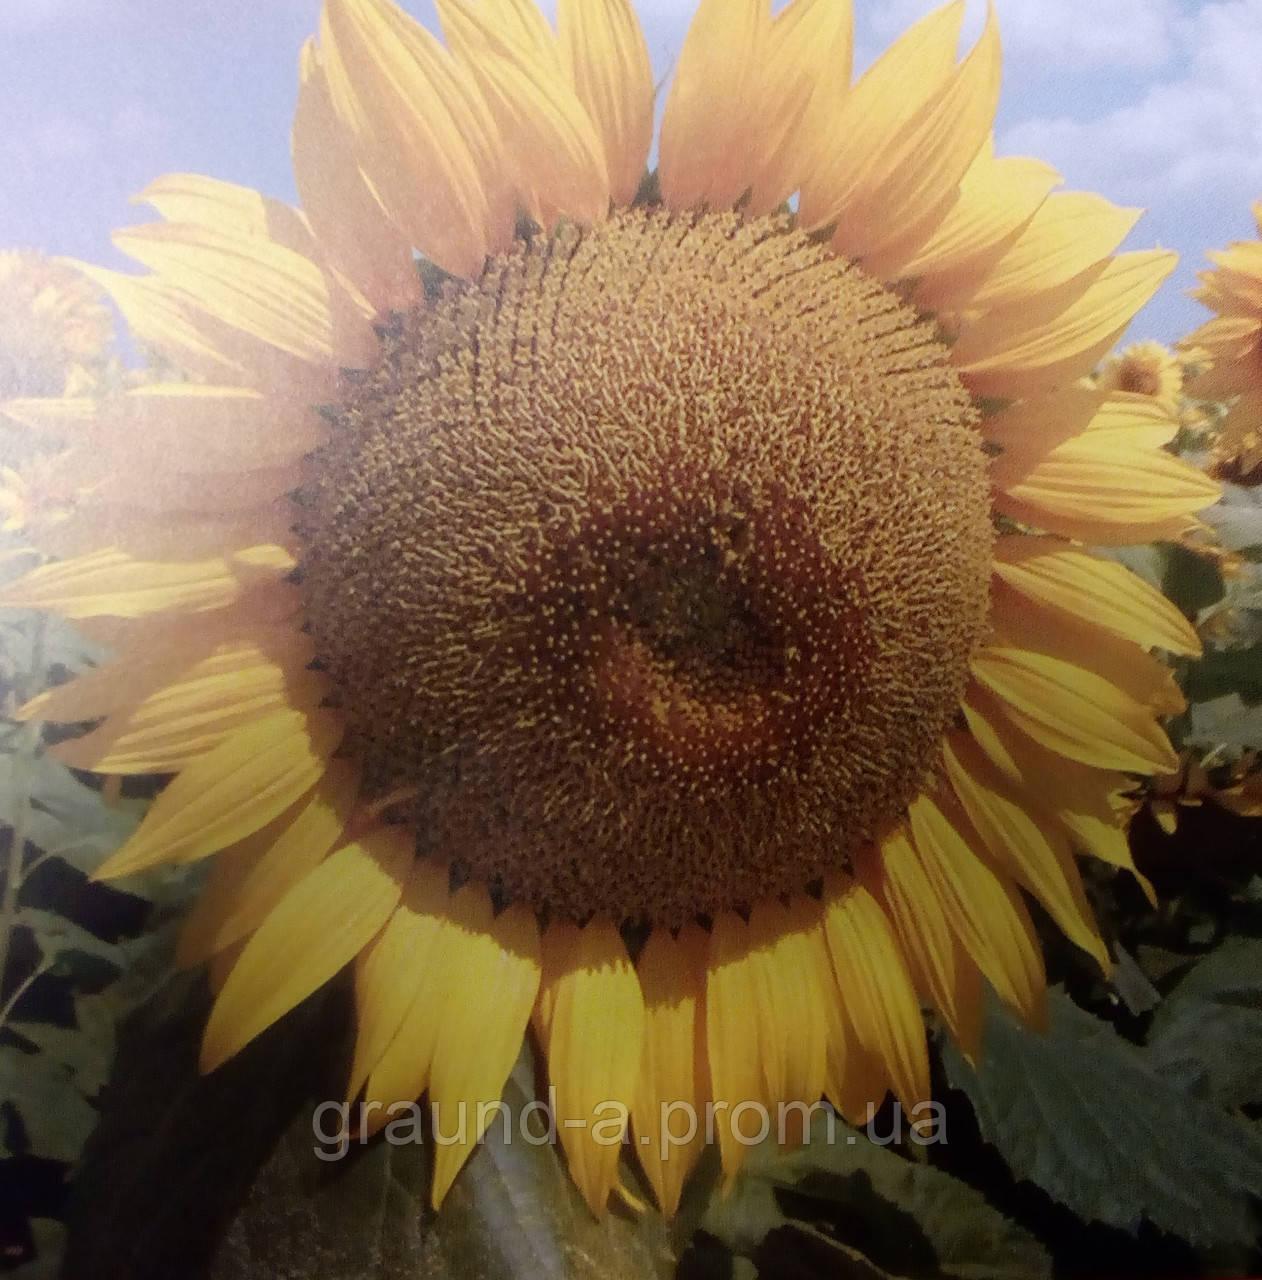 Подсолнух : когда и как собирать семена подсолнечника 98